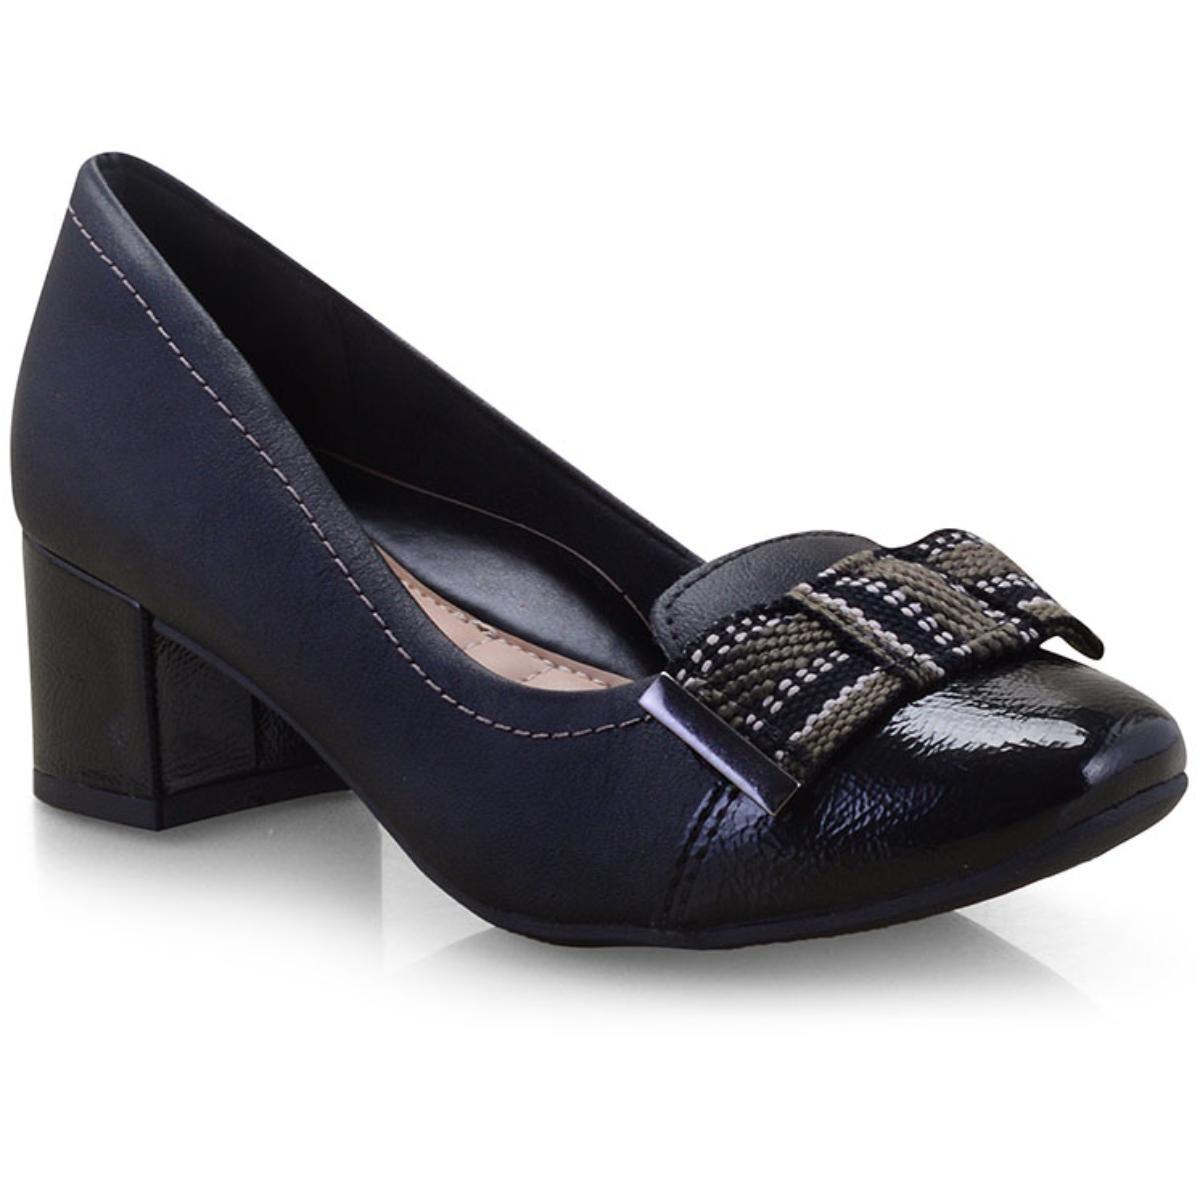 Sapato Feminino Campesi L6541 Preto